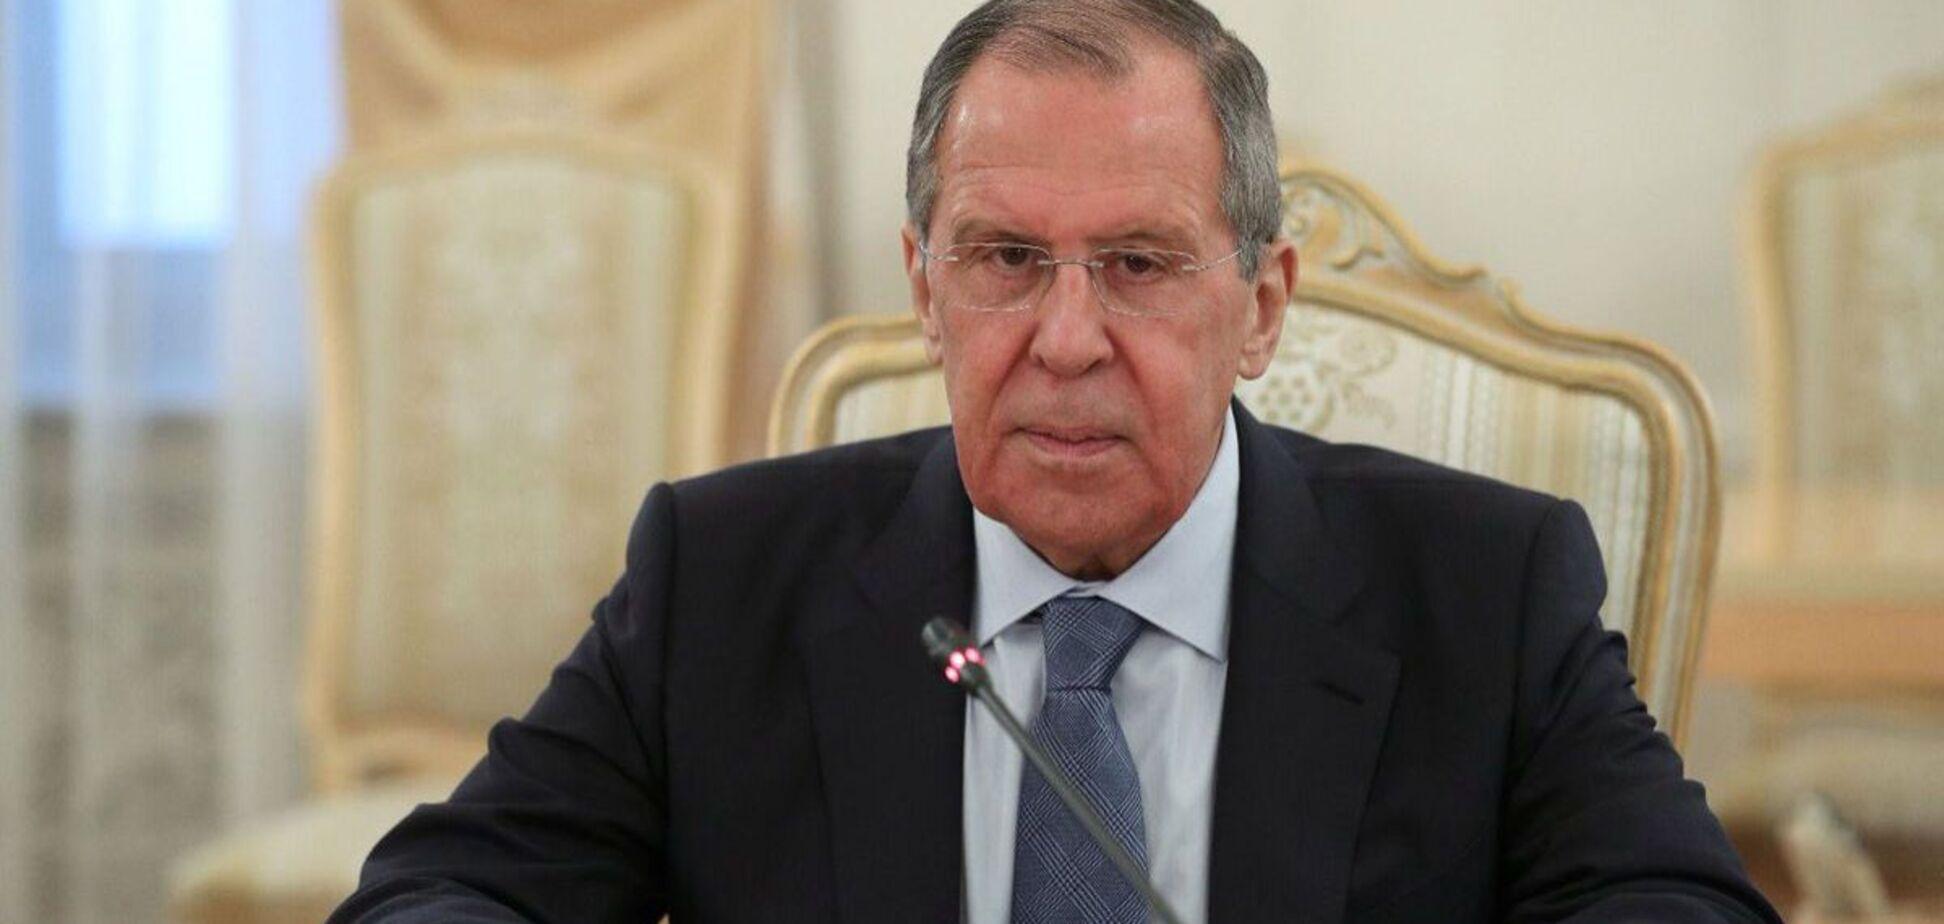 Лавров: украинский режим нужен, чтобы постоянно раздражать Россию